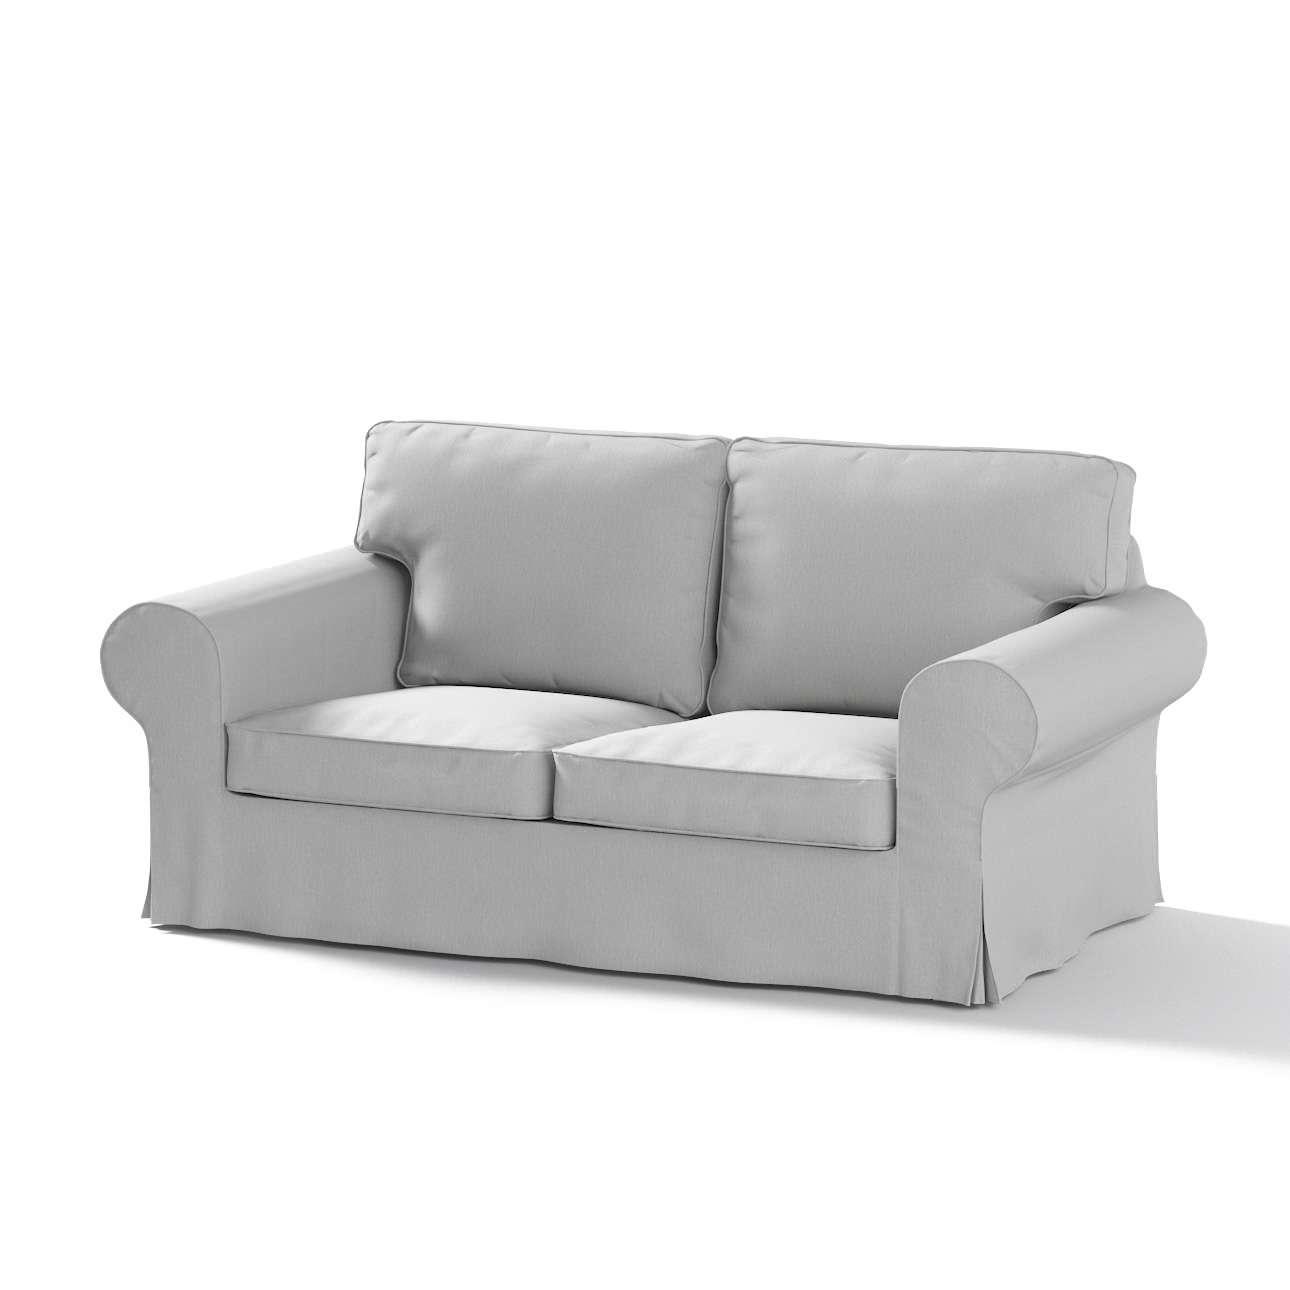 Pokrowiec na sofę Ektorp 2-osobową rozkładana NOWY MODEL 2012 sofa ektorp 2-osobowa rozkładana NOWY MODEL w kolekcji Chenille, tkanina: 702-23